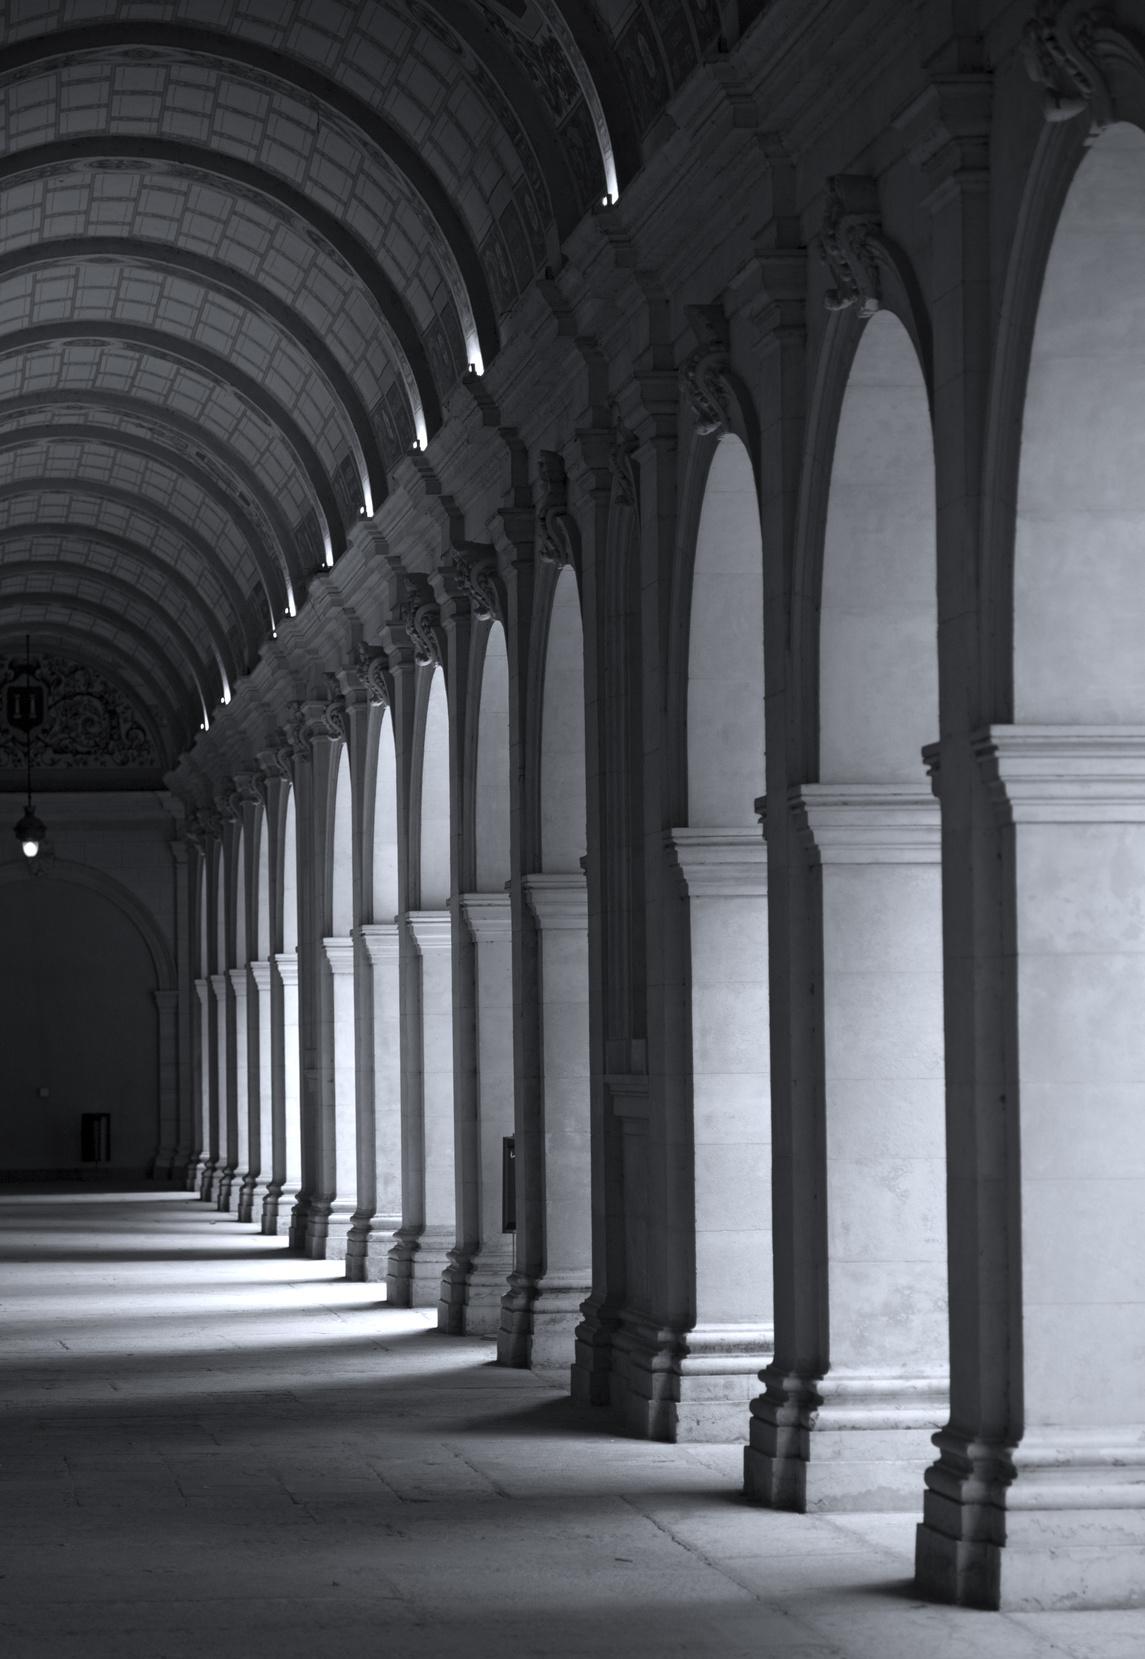 Lyon - Arches